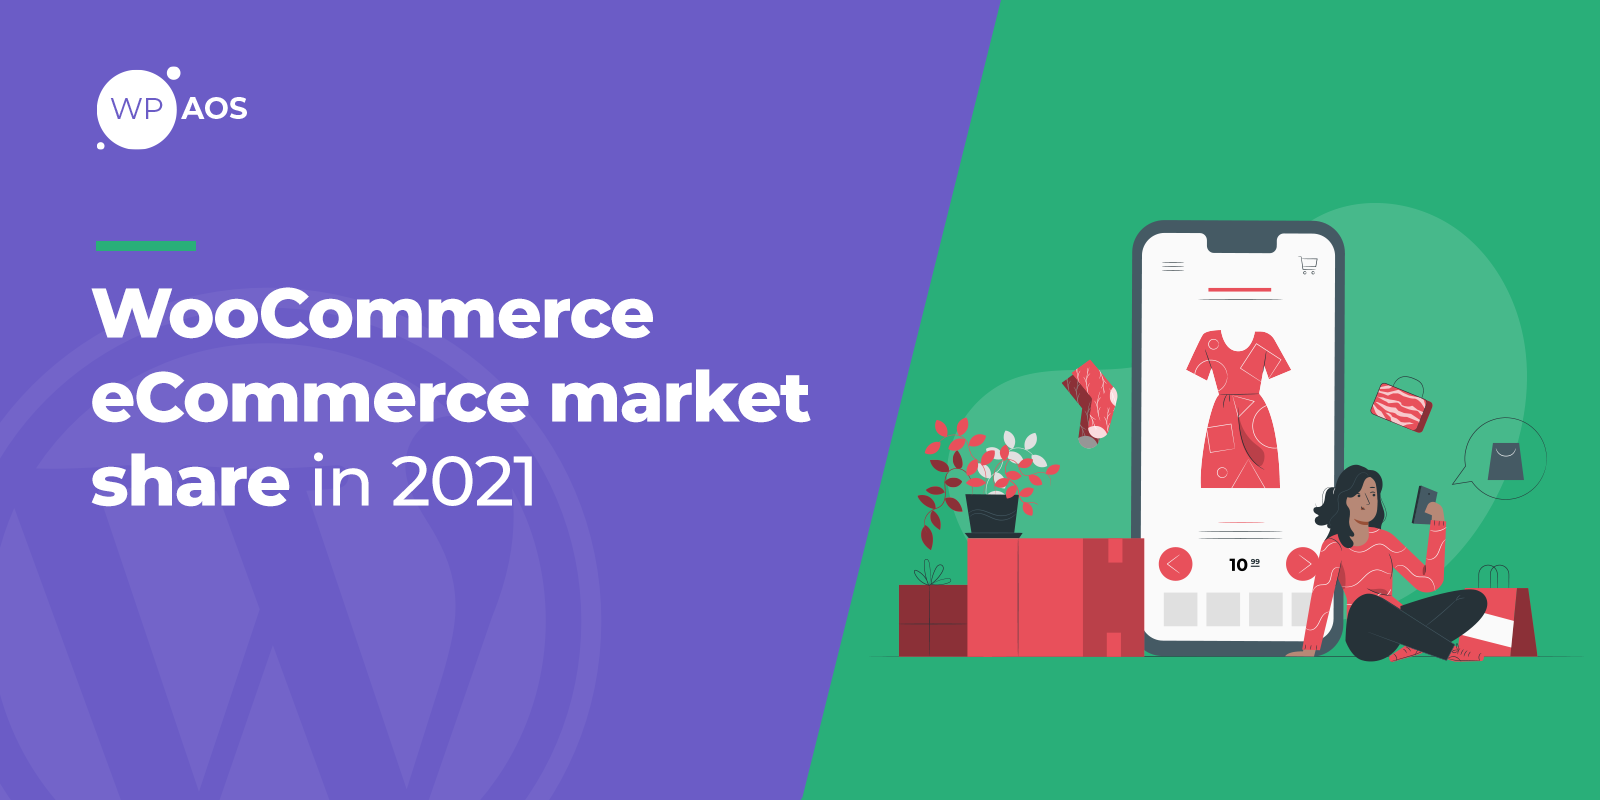 woocommerce, ecommerce market share 2021